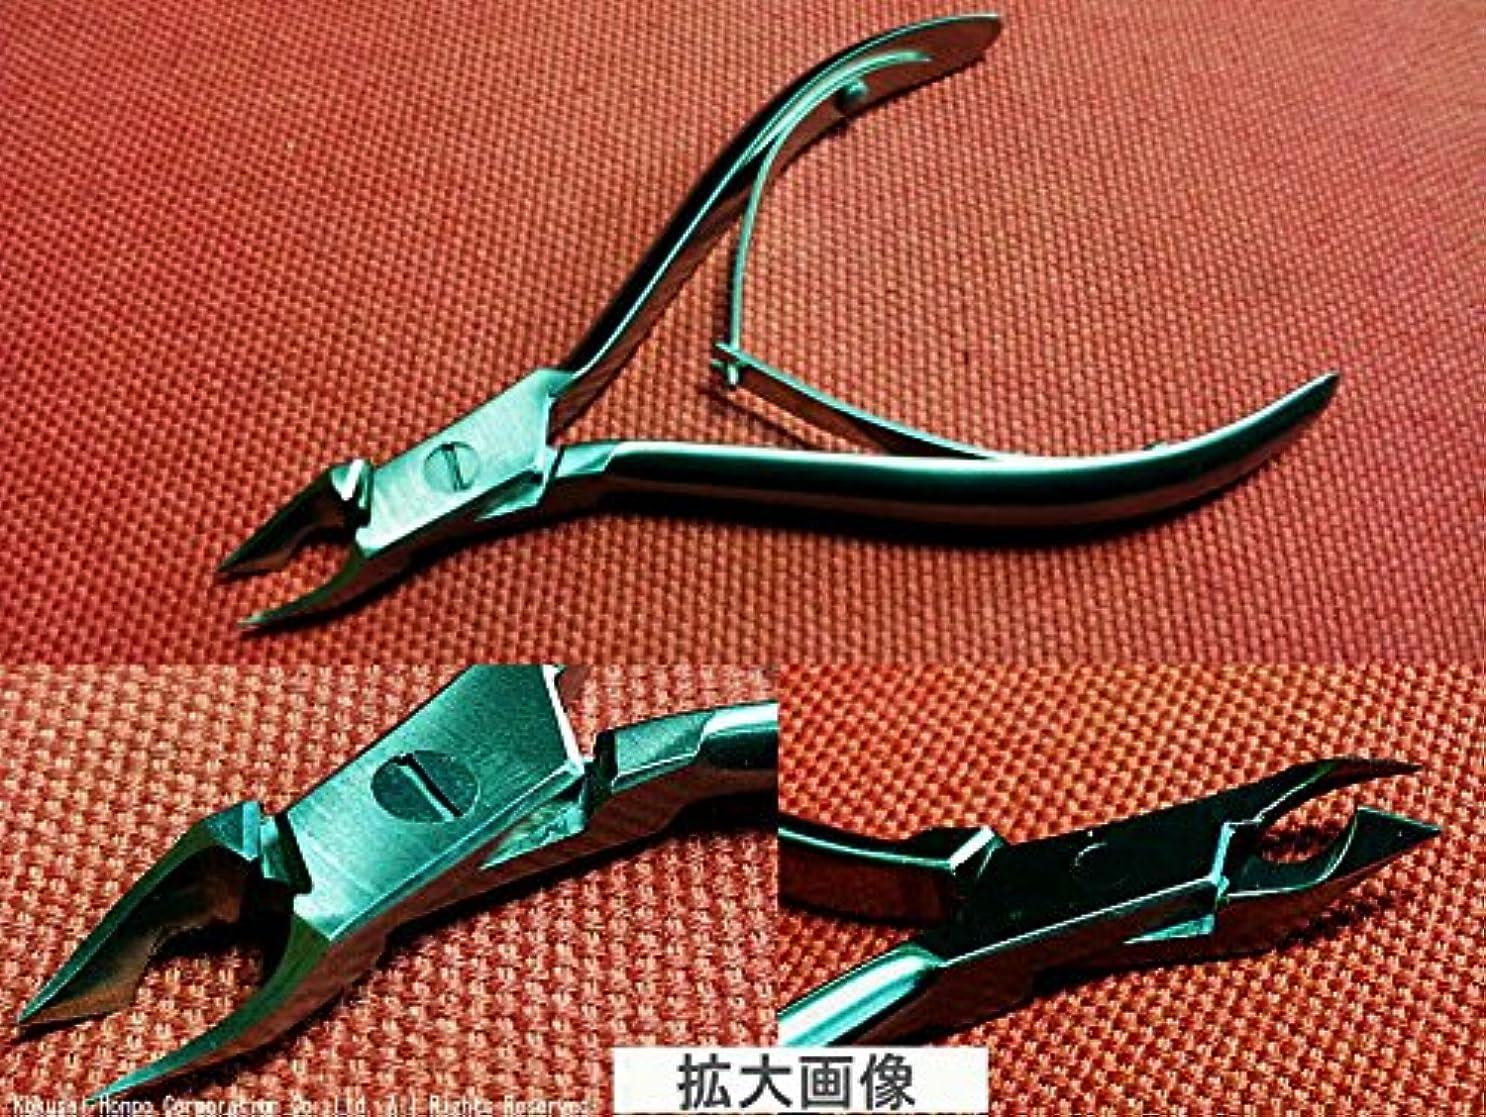 火山学者処理九#15キューティクルニッパー(甘皮用)*爪の生え際あま皮カットに◆医療器具にも使用されるステンレス製